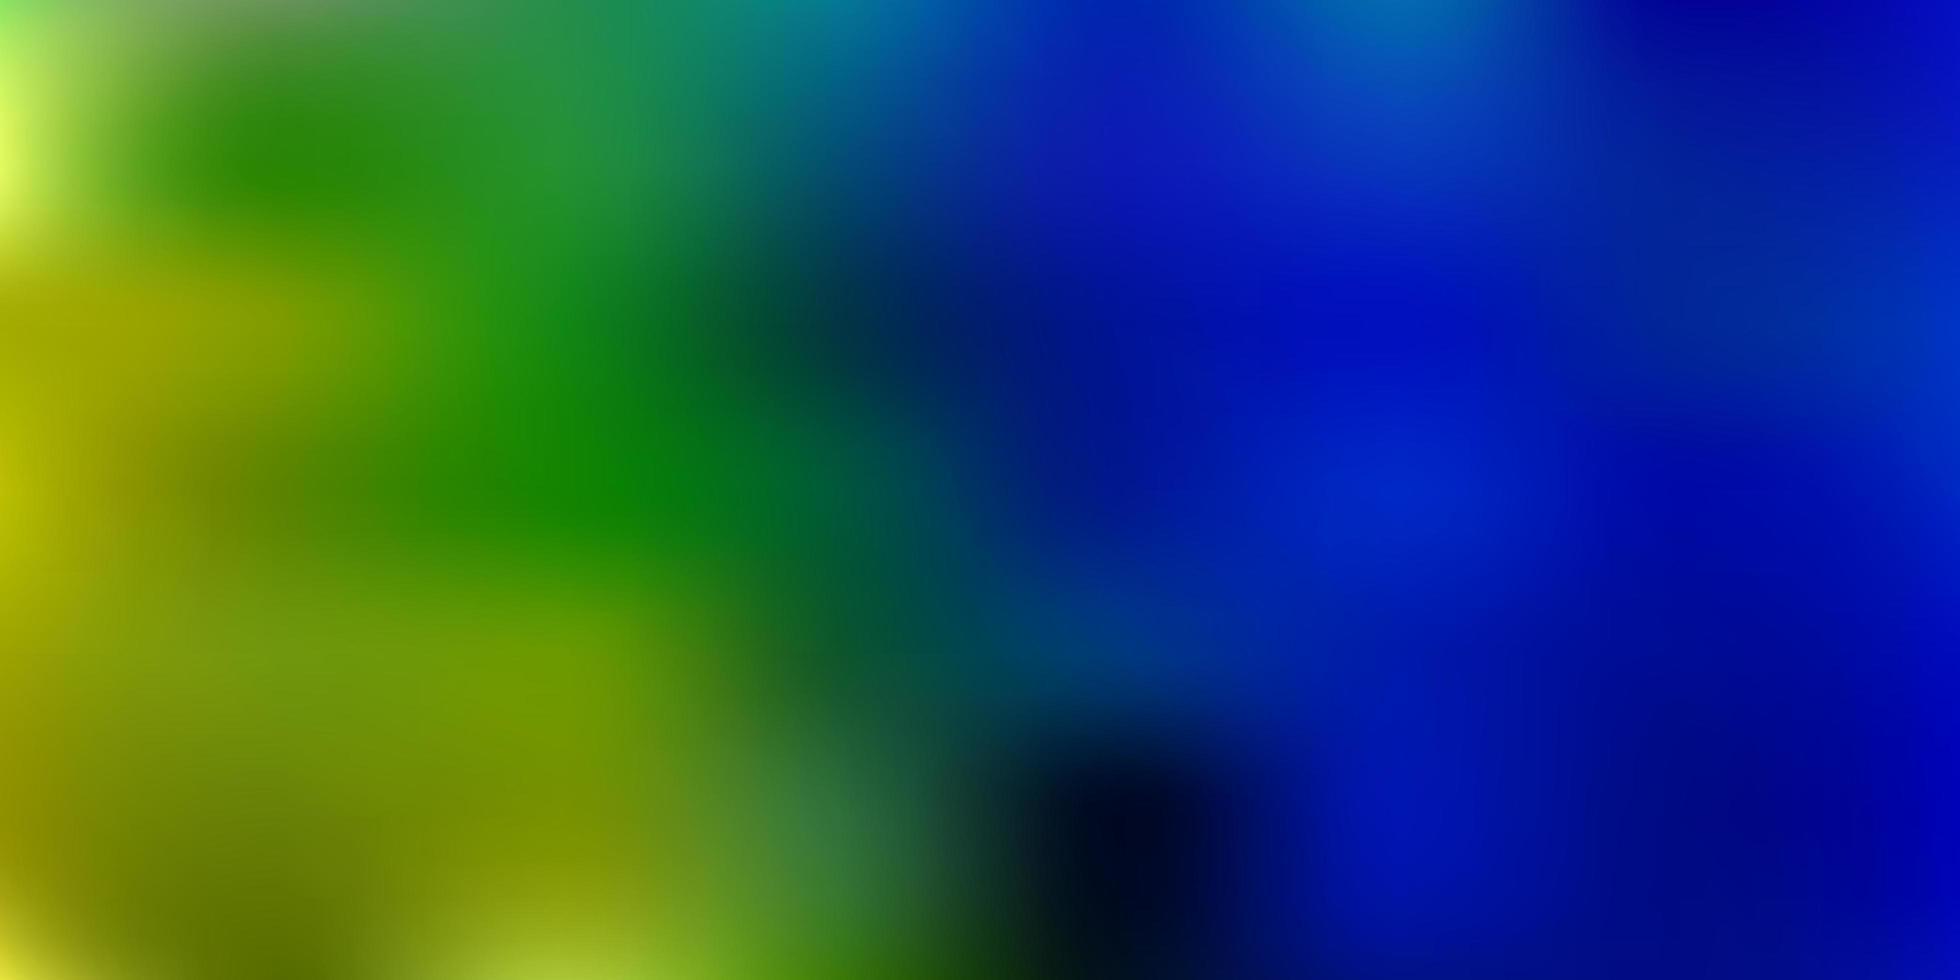 ljusblå, grön vektor gradient oskärpa konsistens.